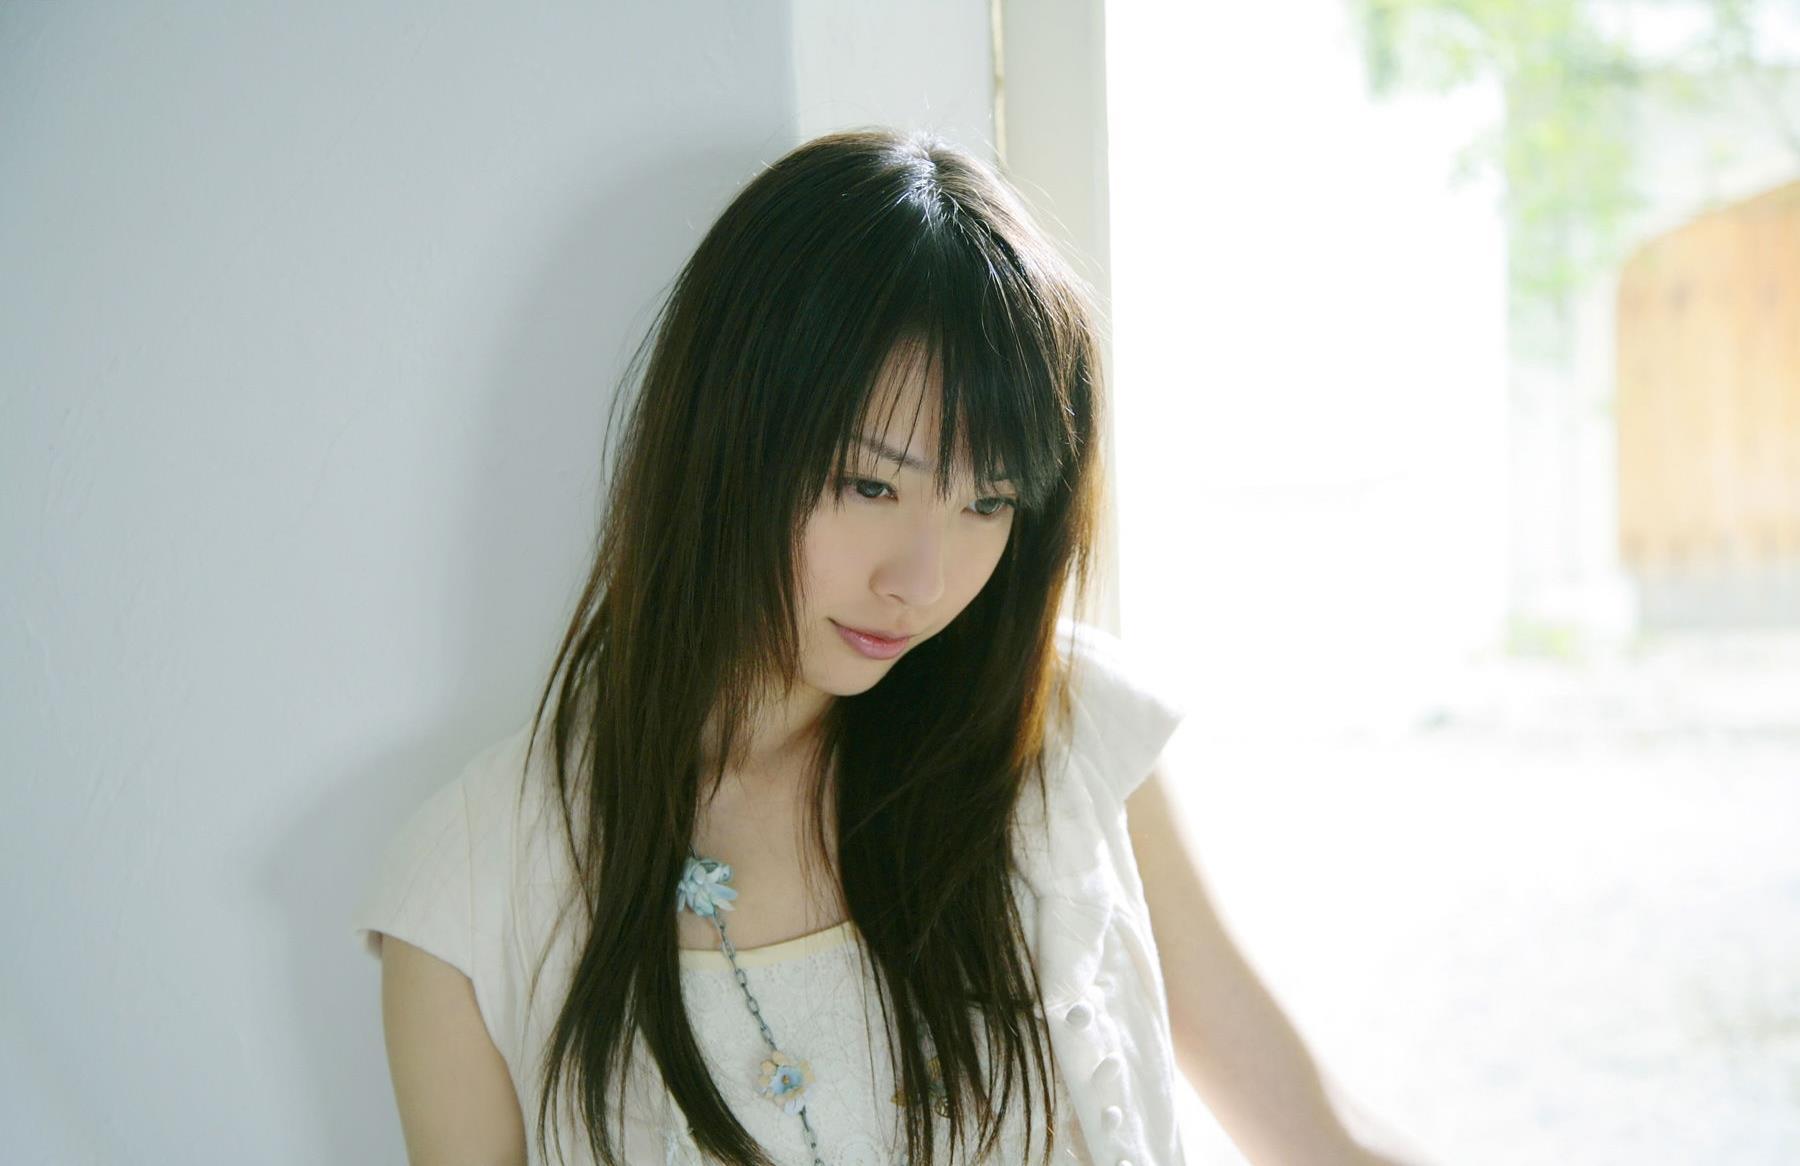 戸田恵梨香 エロ画像 44